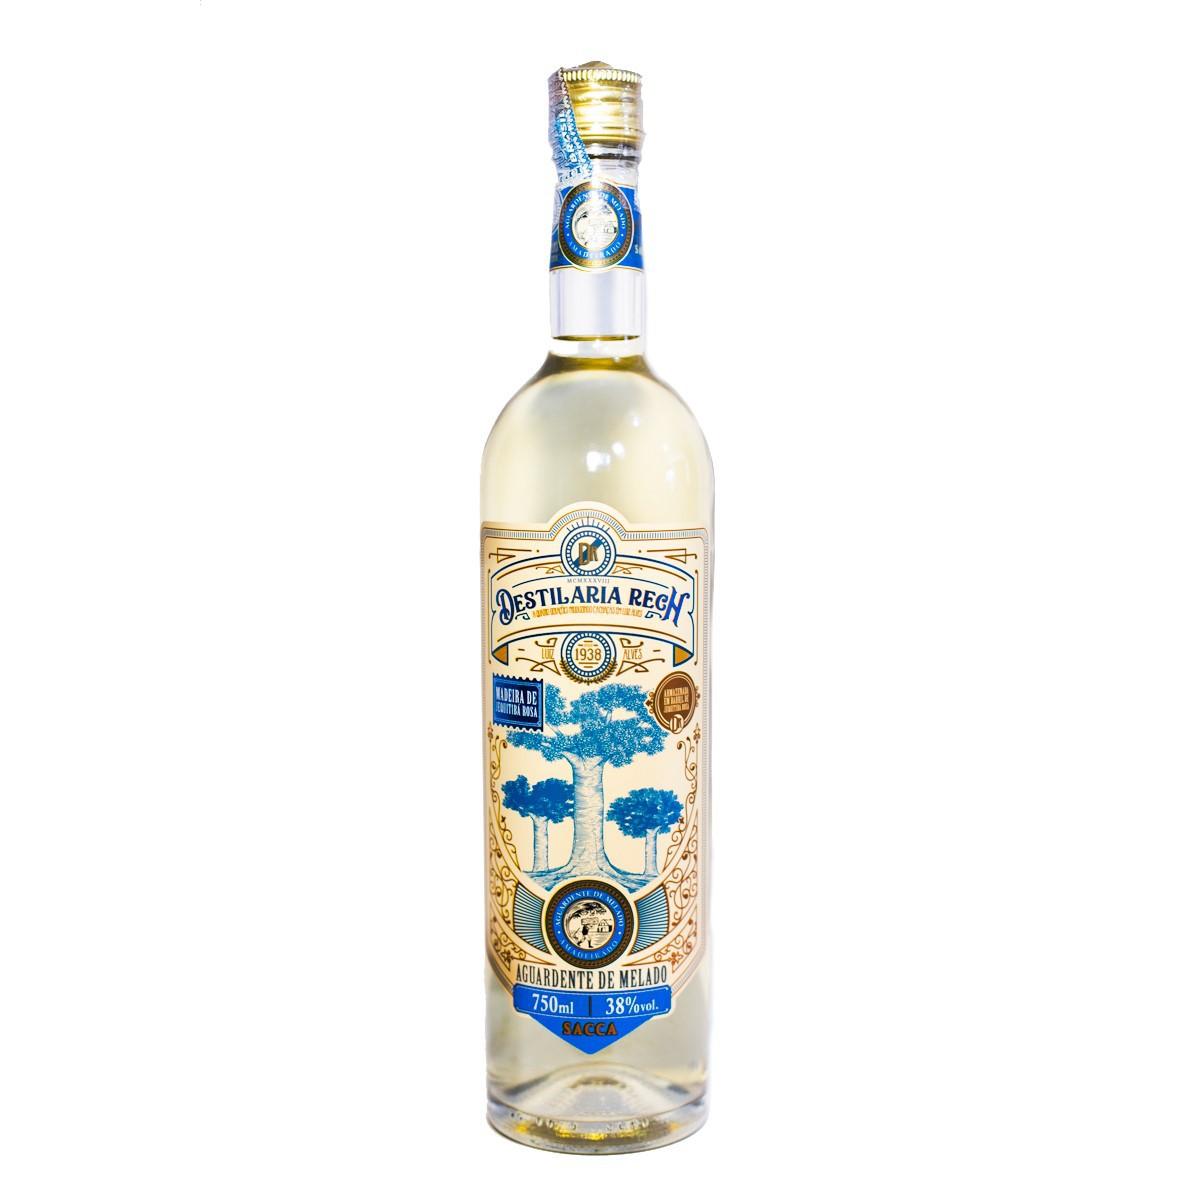 Cachaça Jequitibá Rosa - Rech - 750 ml